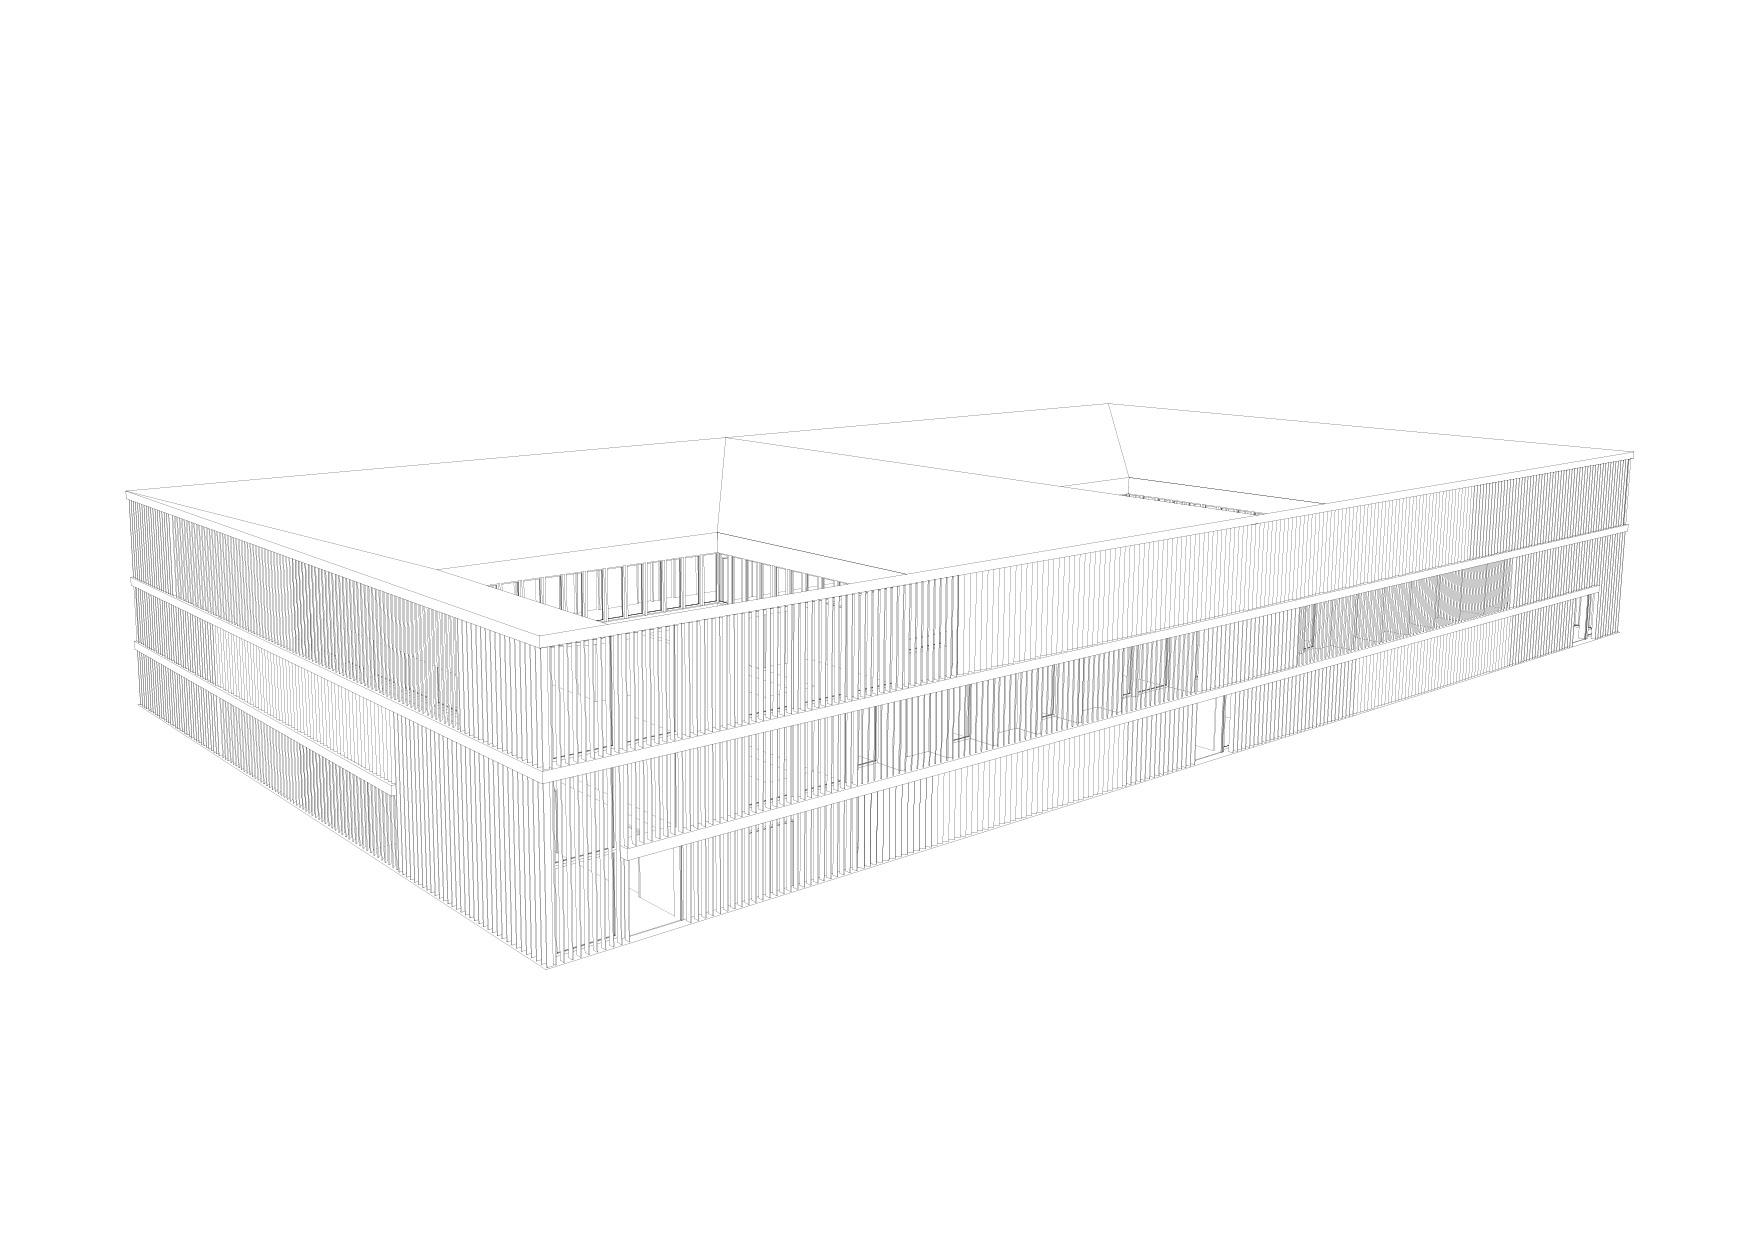 KUBIK Architektur - Studio für Architektur Berlin - architecture - Projekt - Meditationszentrum - Ansicht - Perspektive